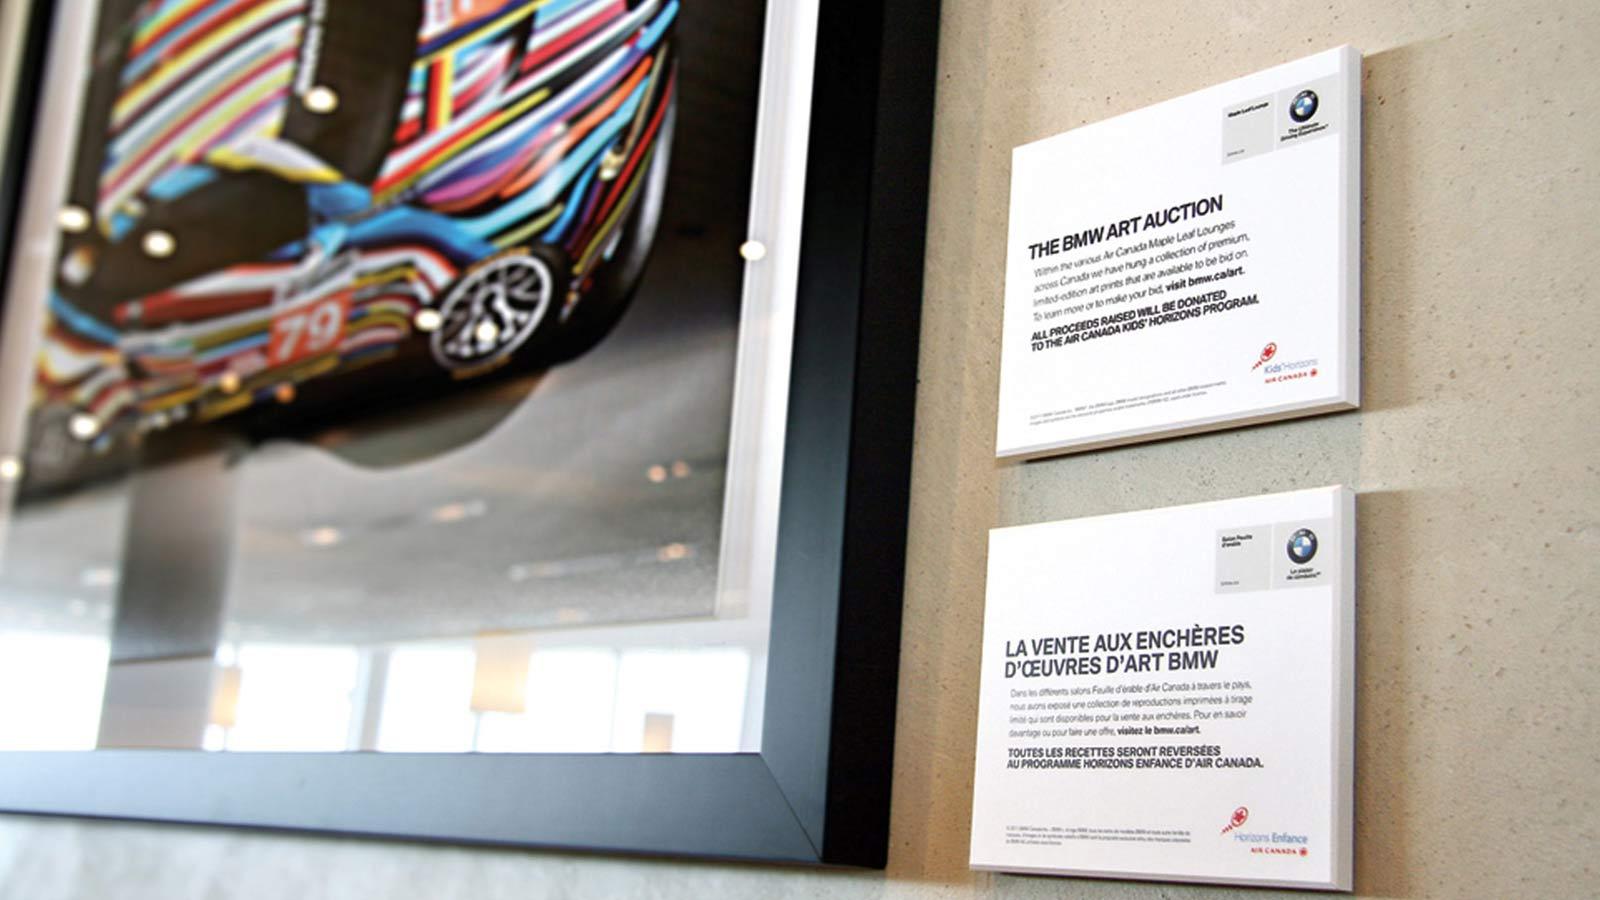 BMW Canada | BMW Art Auction | Digital Innovation, Digital Marketing, Social Media, Strategy